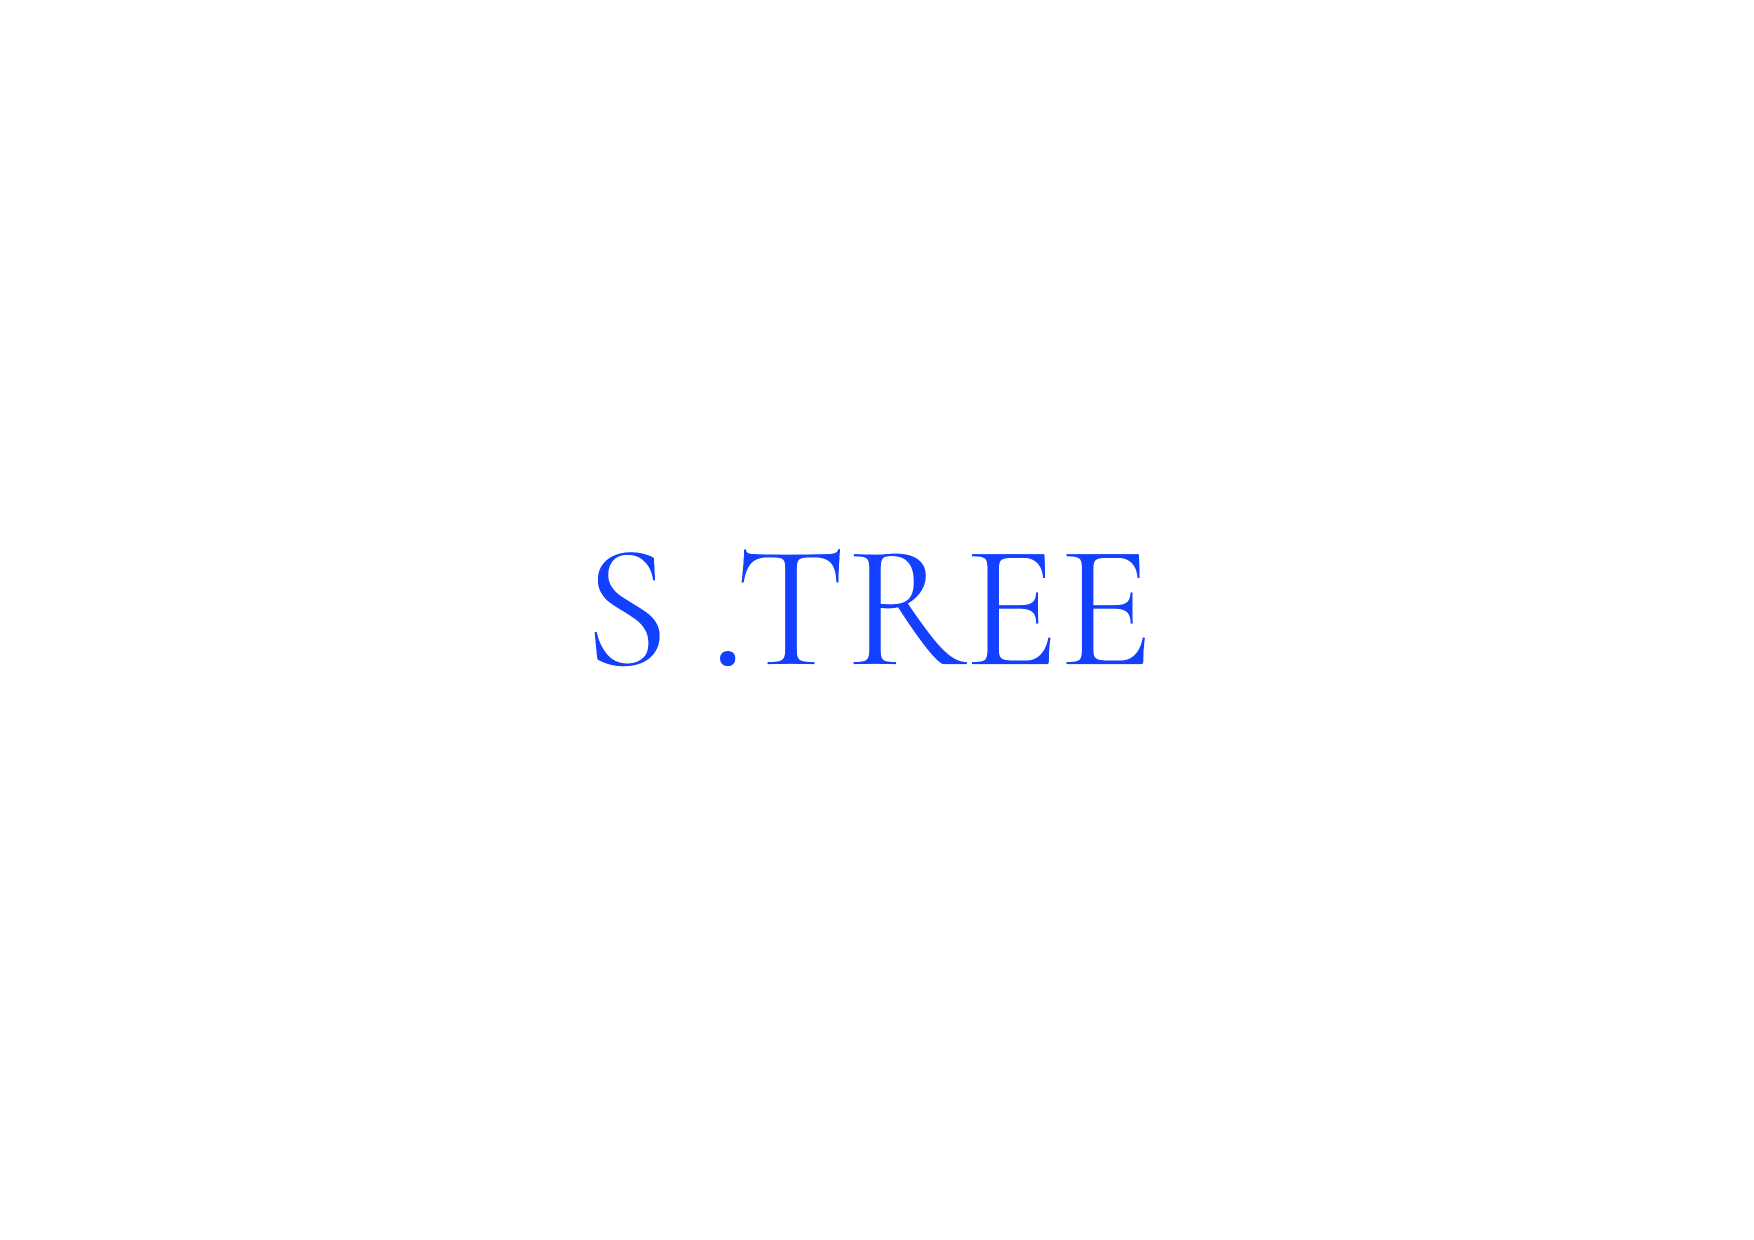 S.tree logo